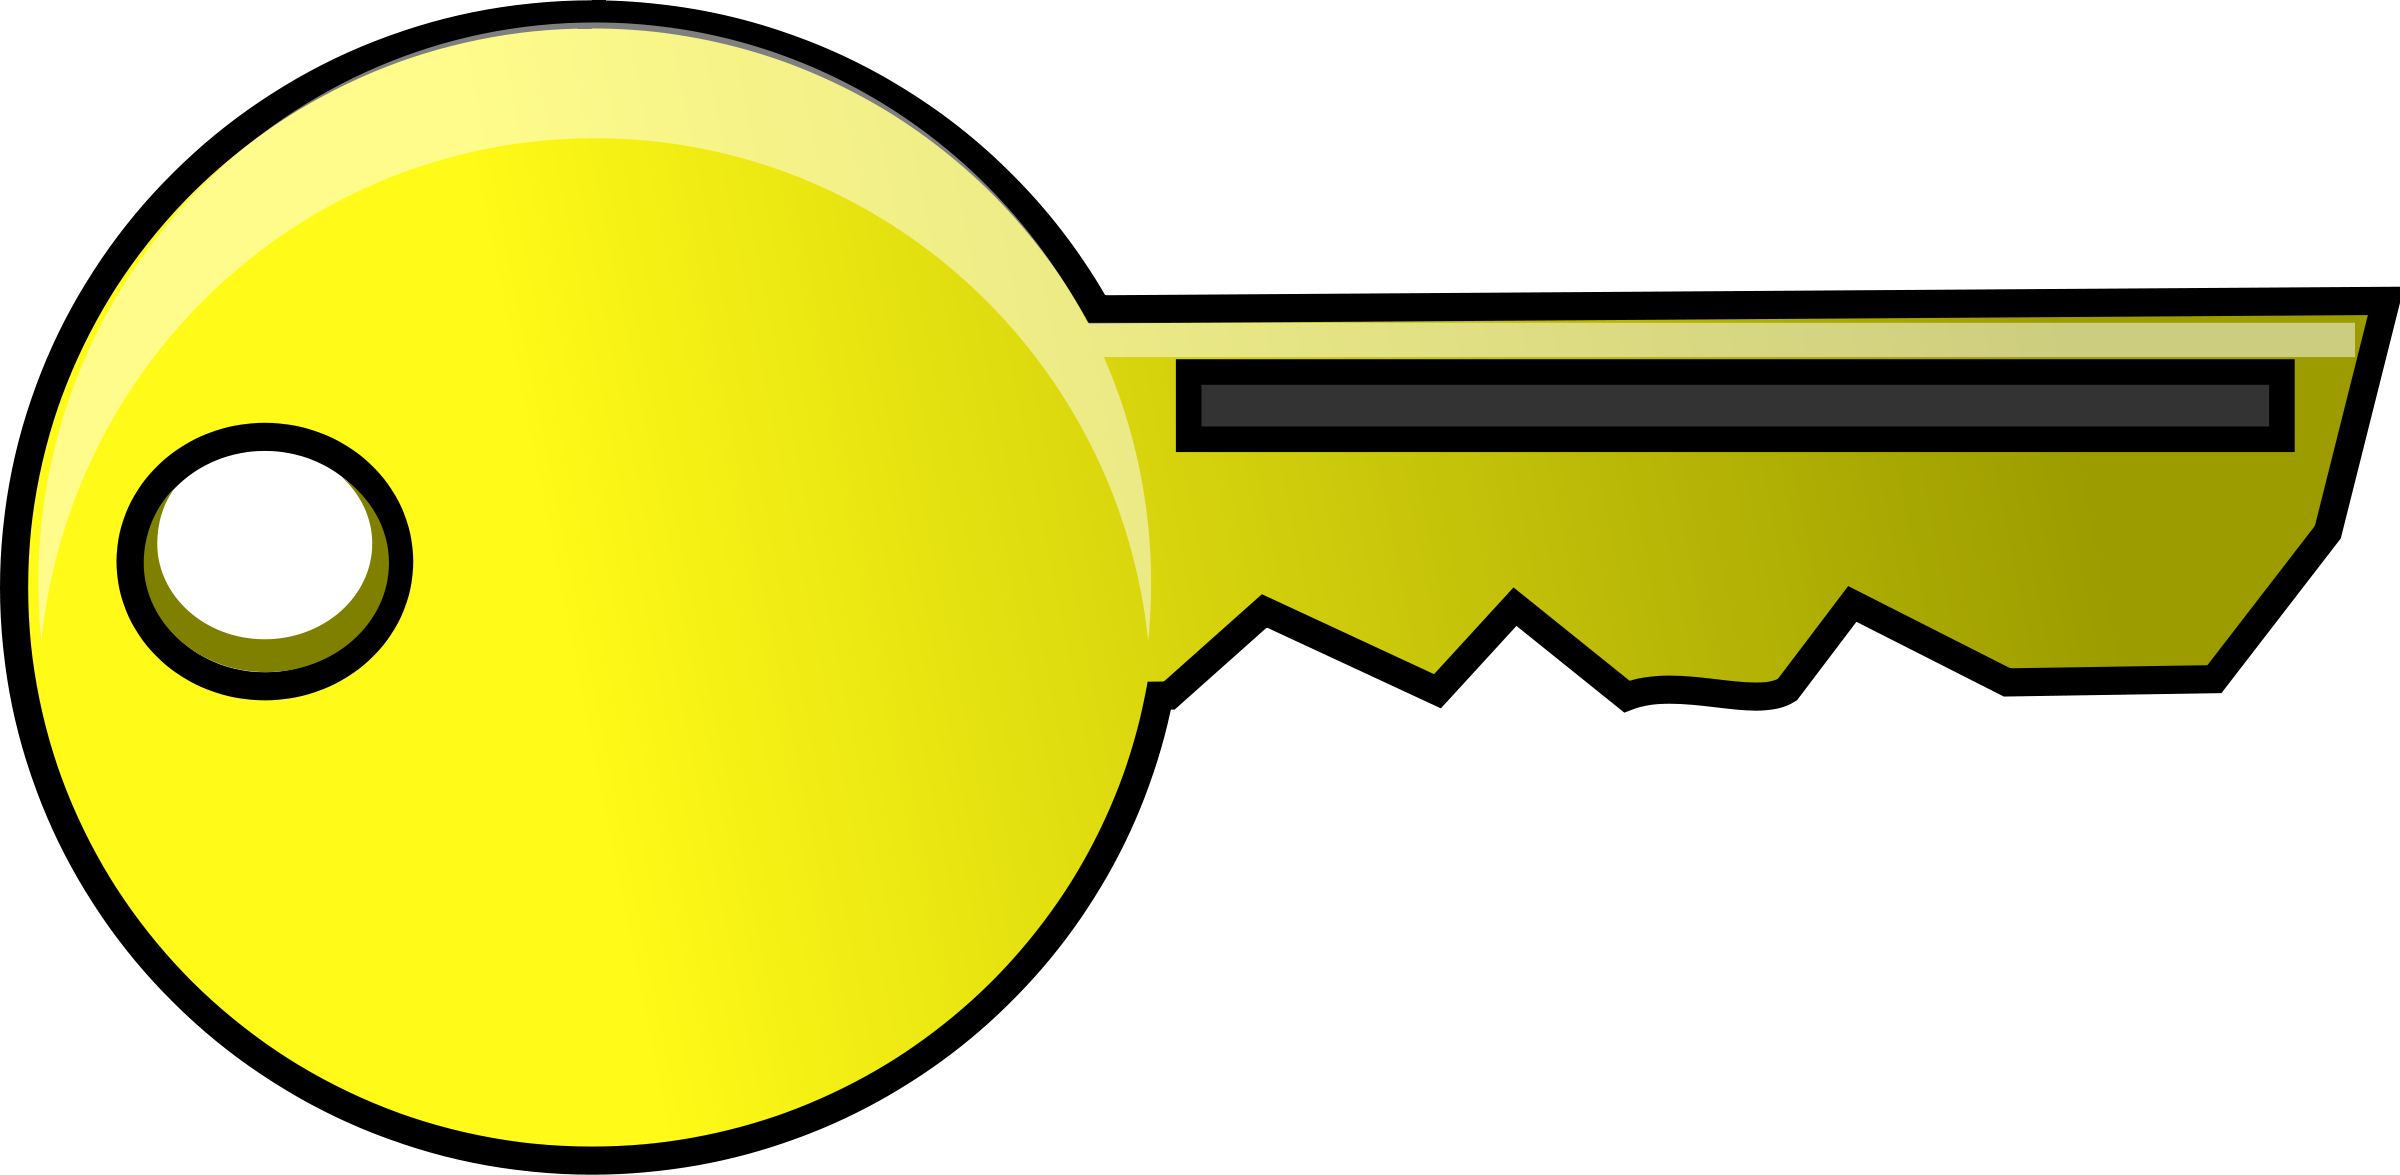 Key clip art vector key graphics image 3